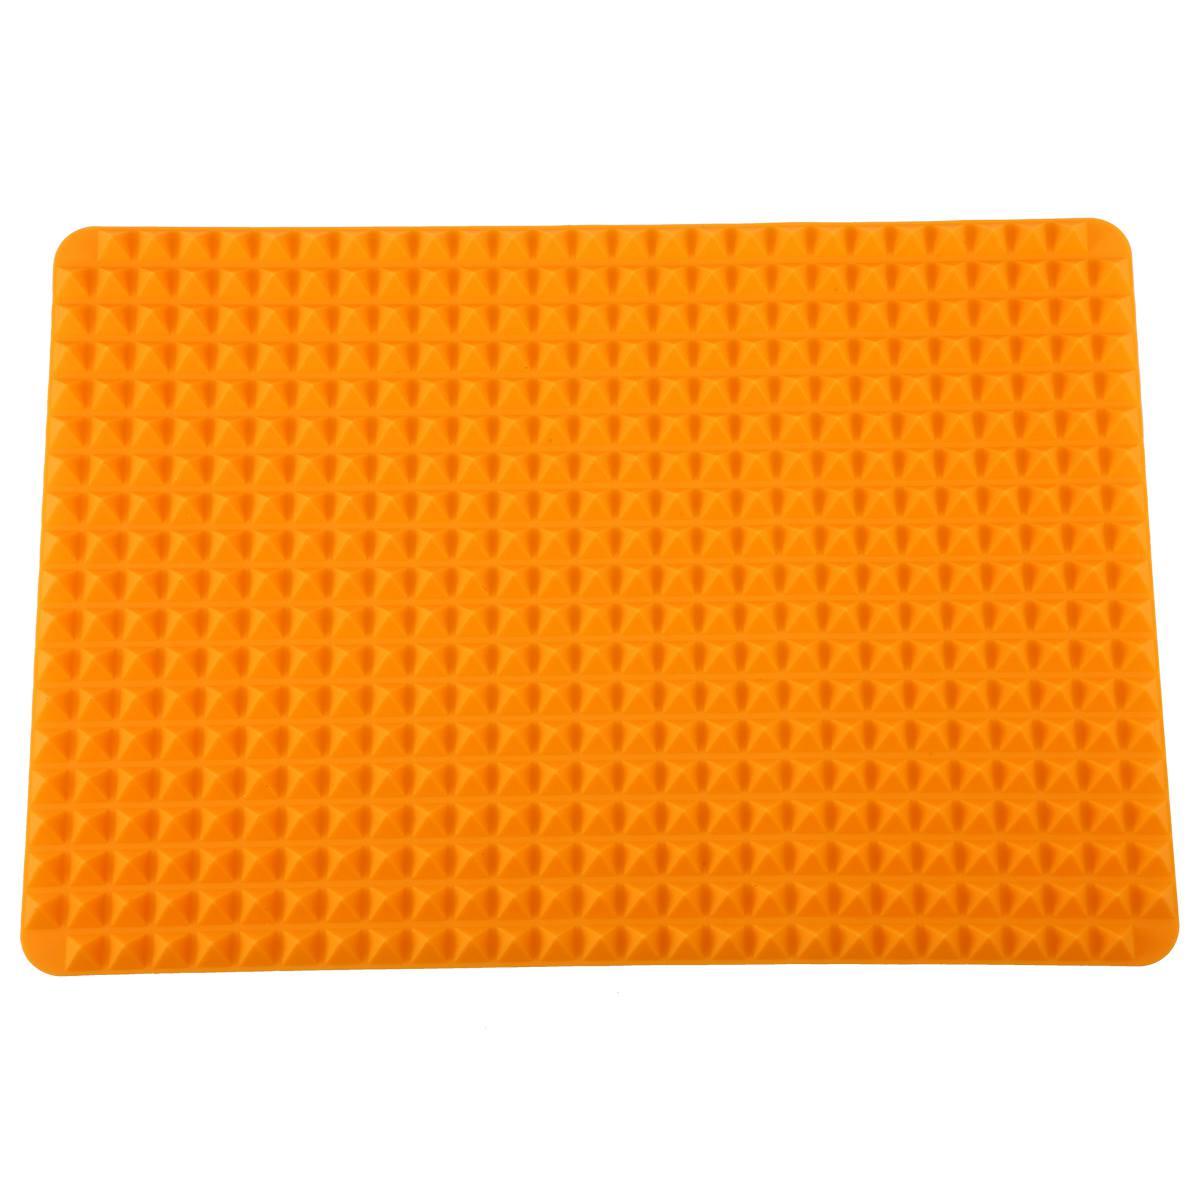 Silikon-Antihaft-gesunde-Kochen-Backmatte-mit-Pyramide-Oberflaeche-16-Zoll-F5L9 Indexbild 2